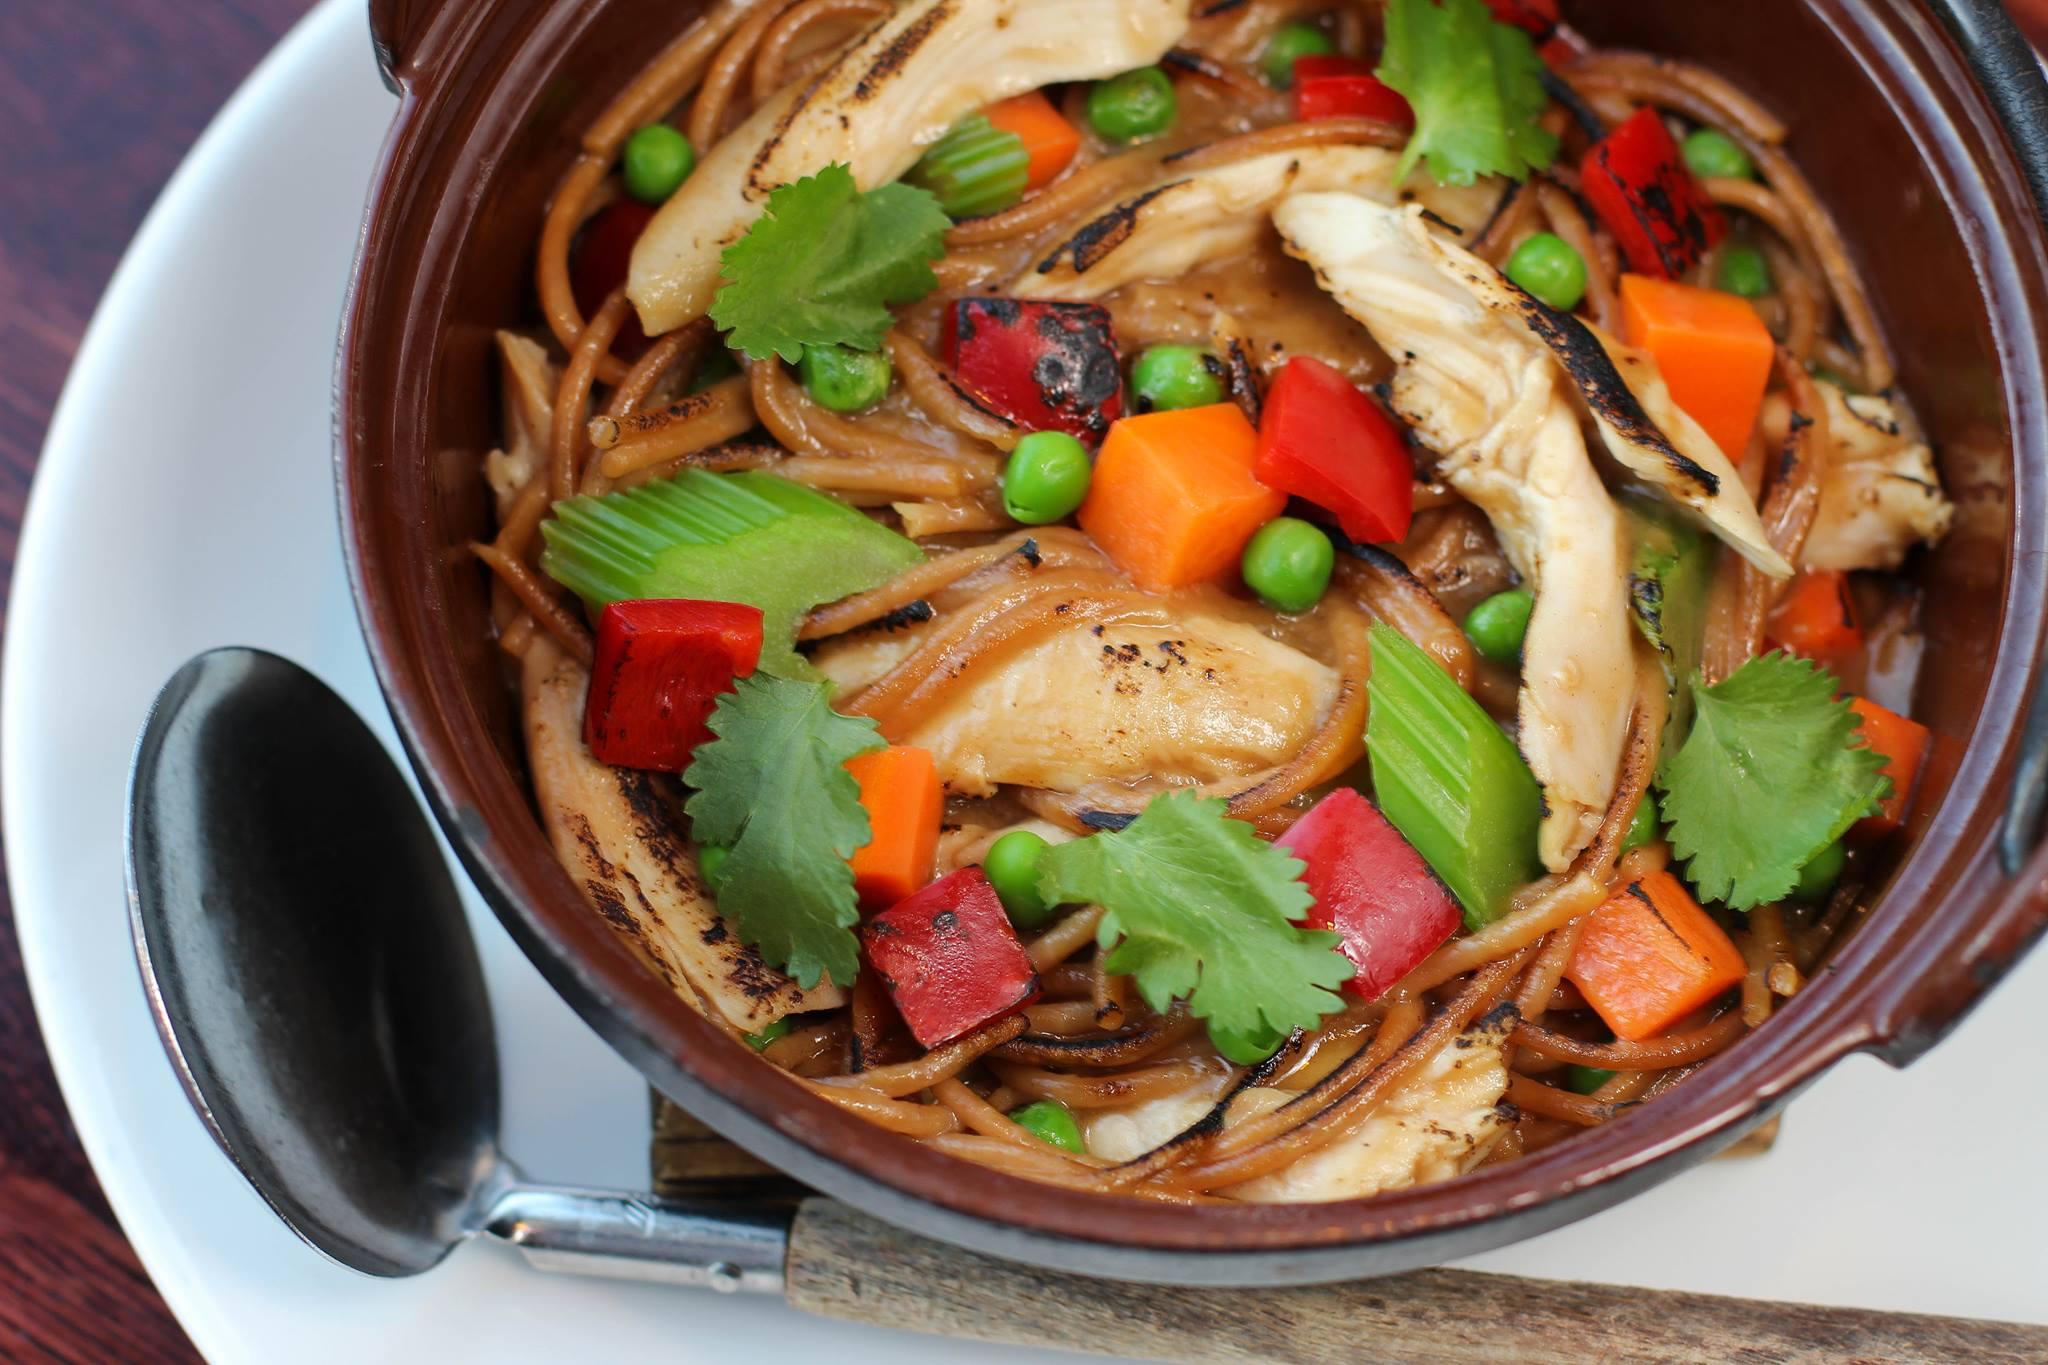 Turkey-Leftovers-Sandoval-Fideos-Recipe.jpg